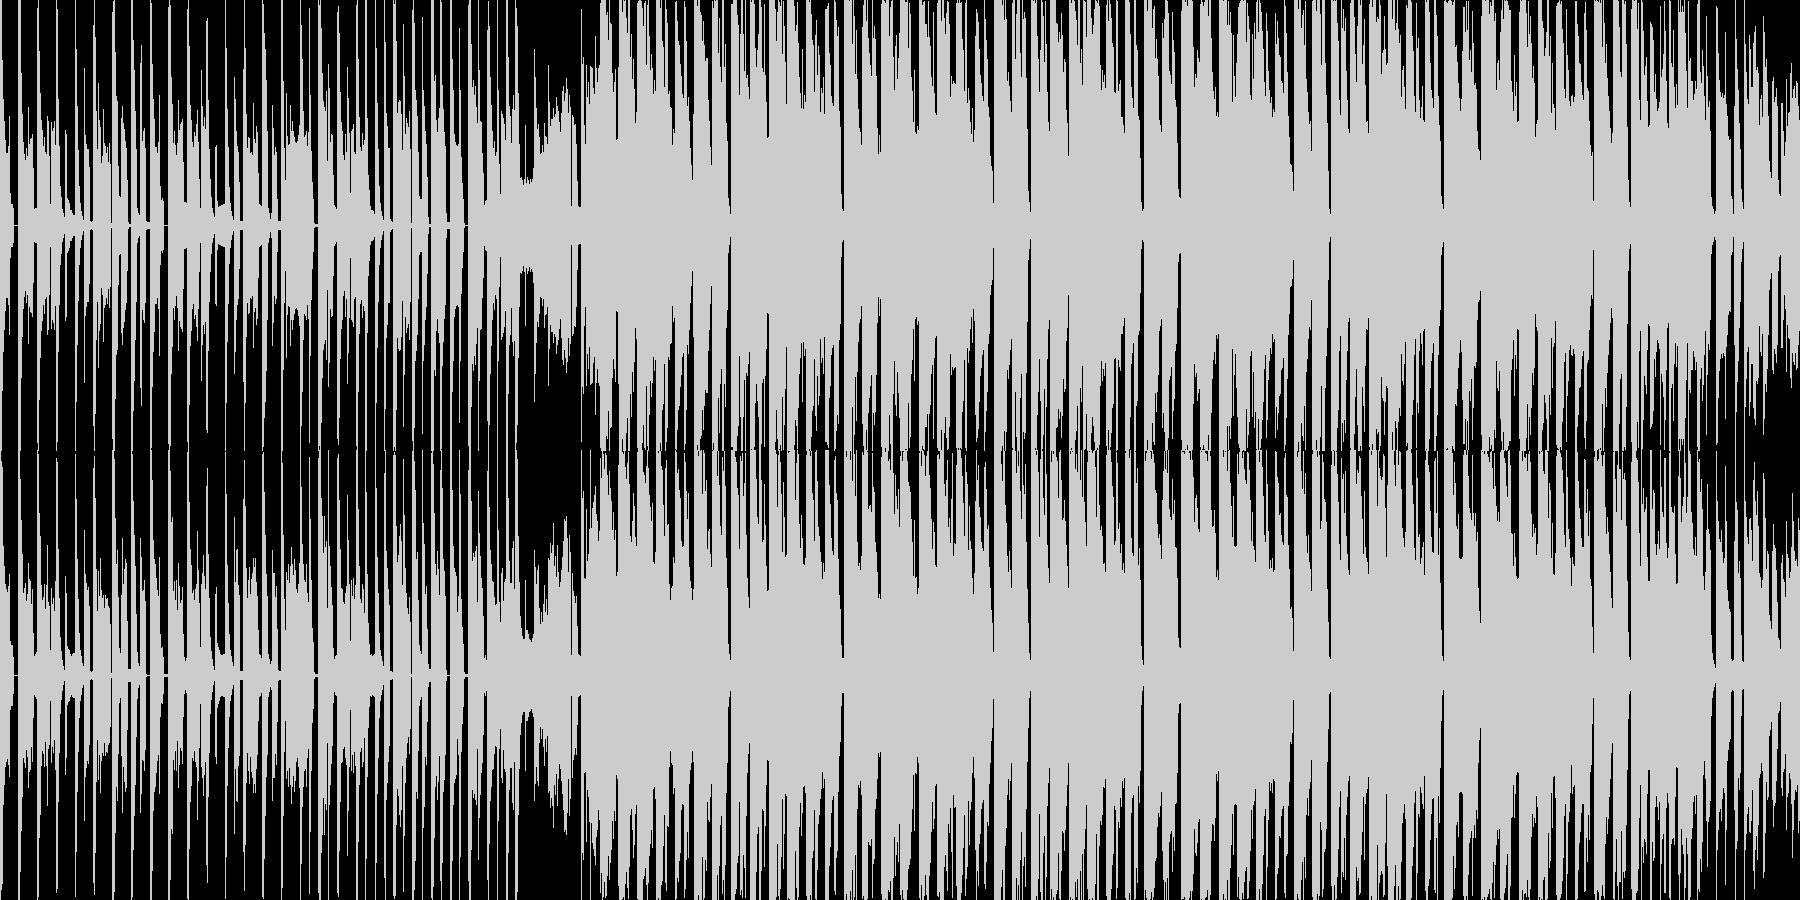 かわいいきゃっちーなテクノポップの未再生の波形